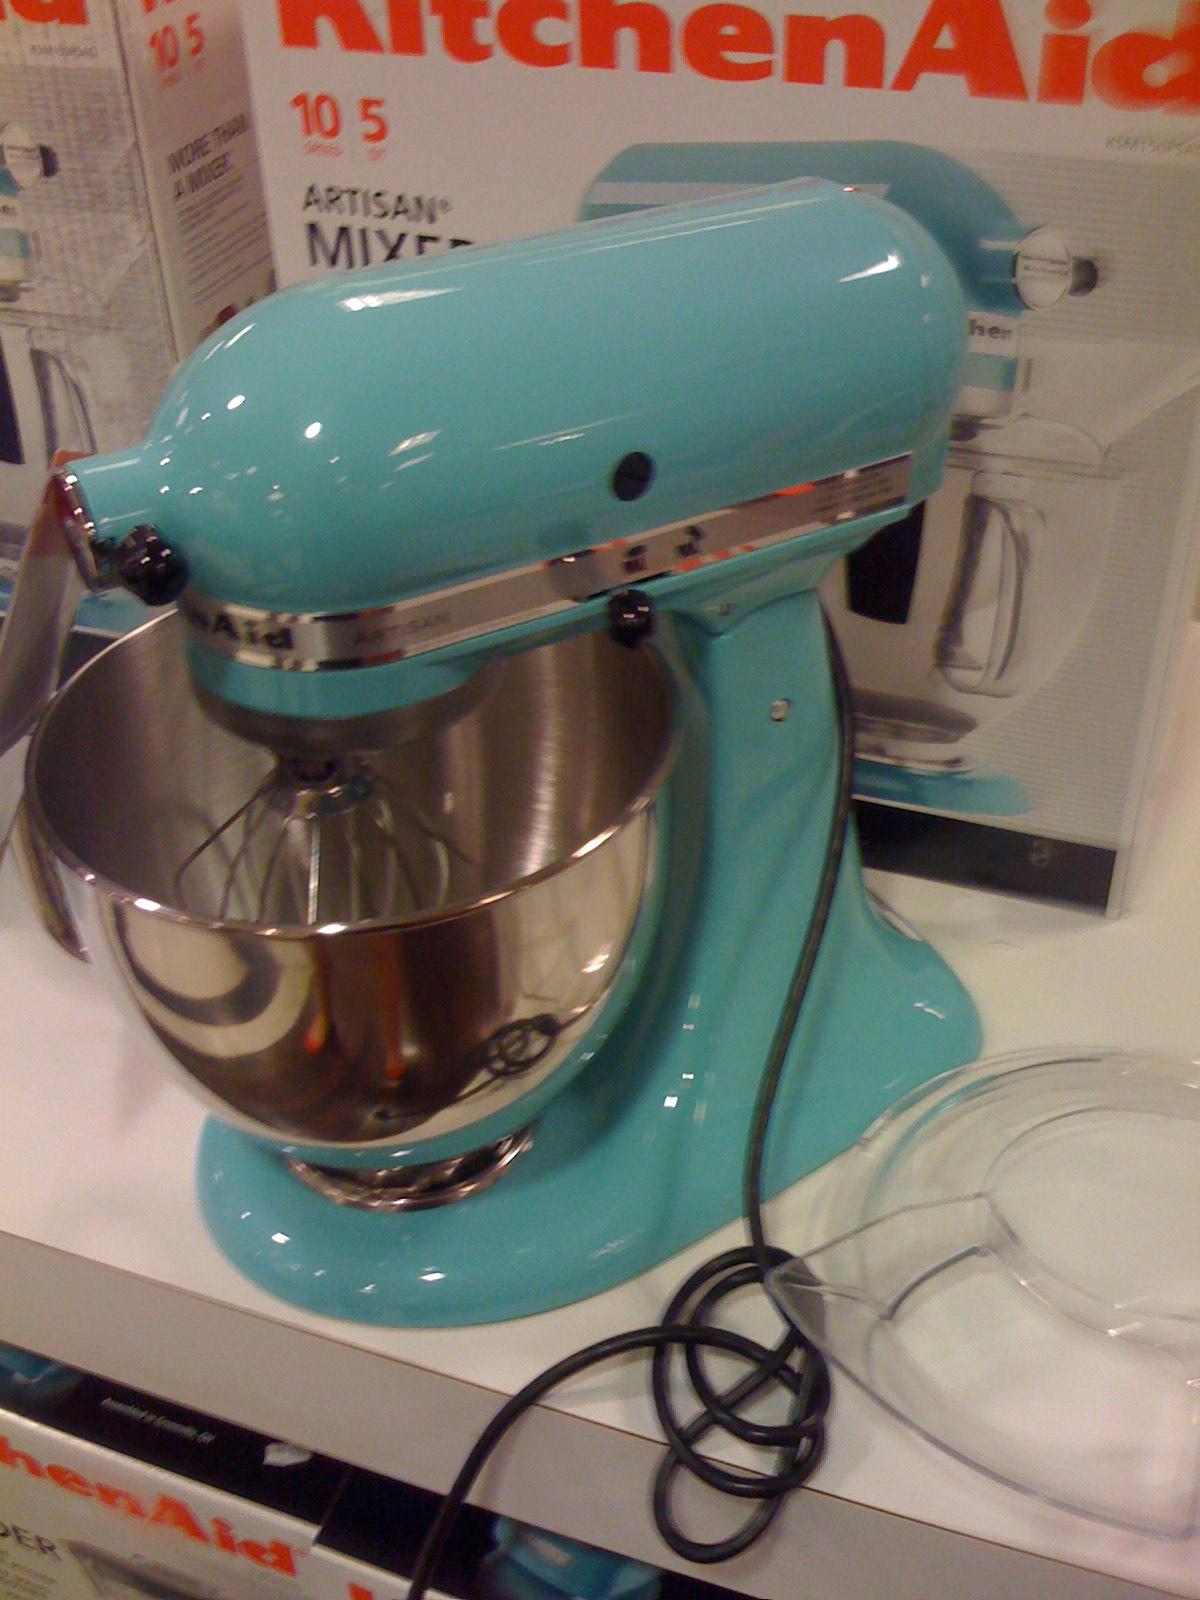 KitchenAid Martha Stewart Blue Collection Kitchen